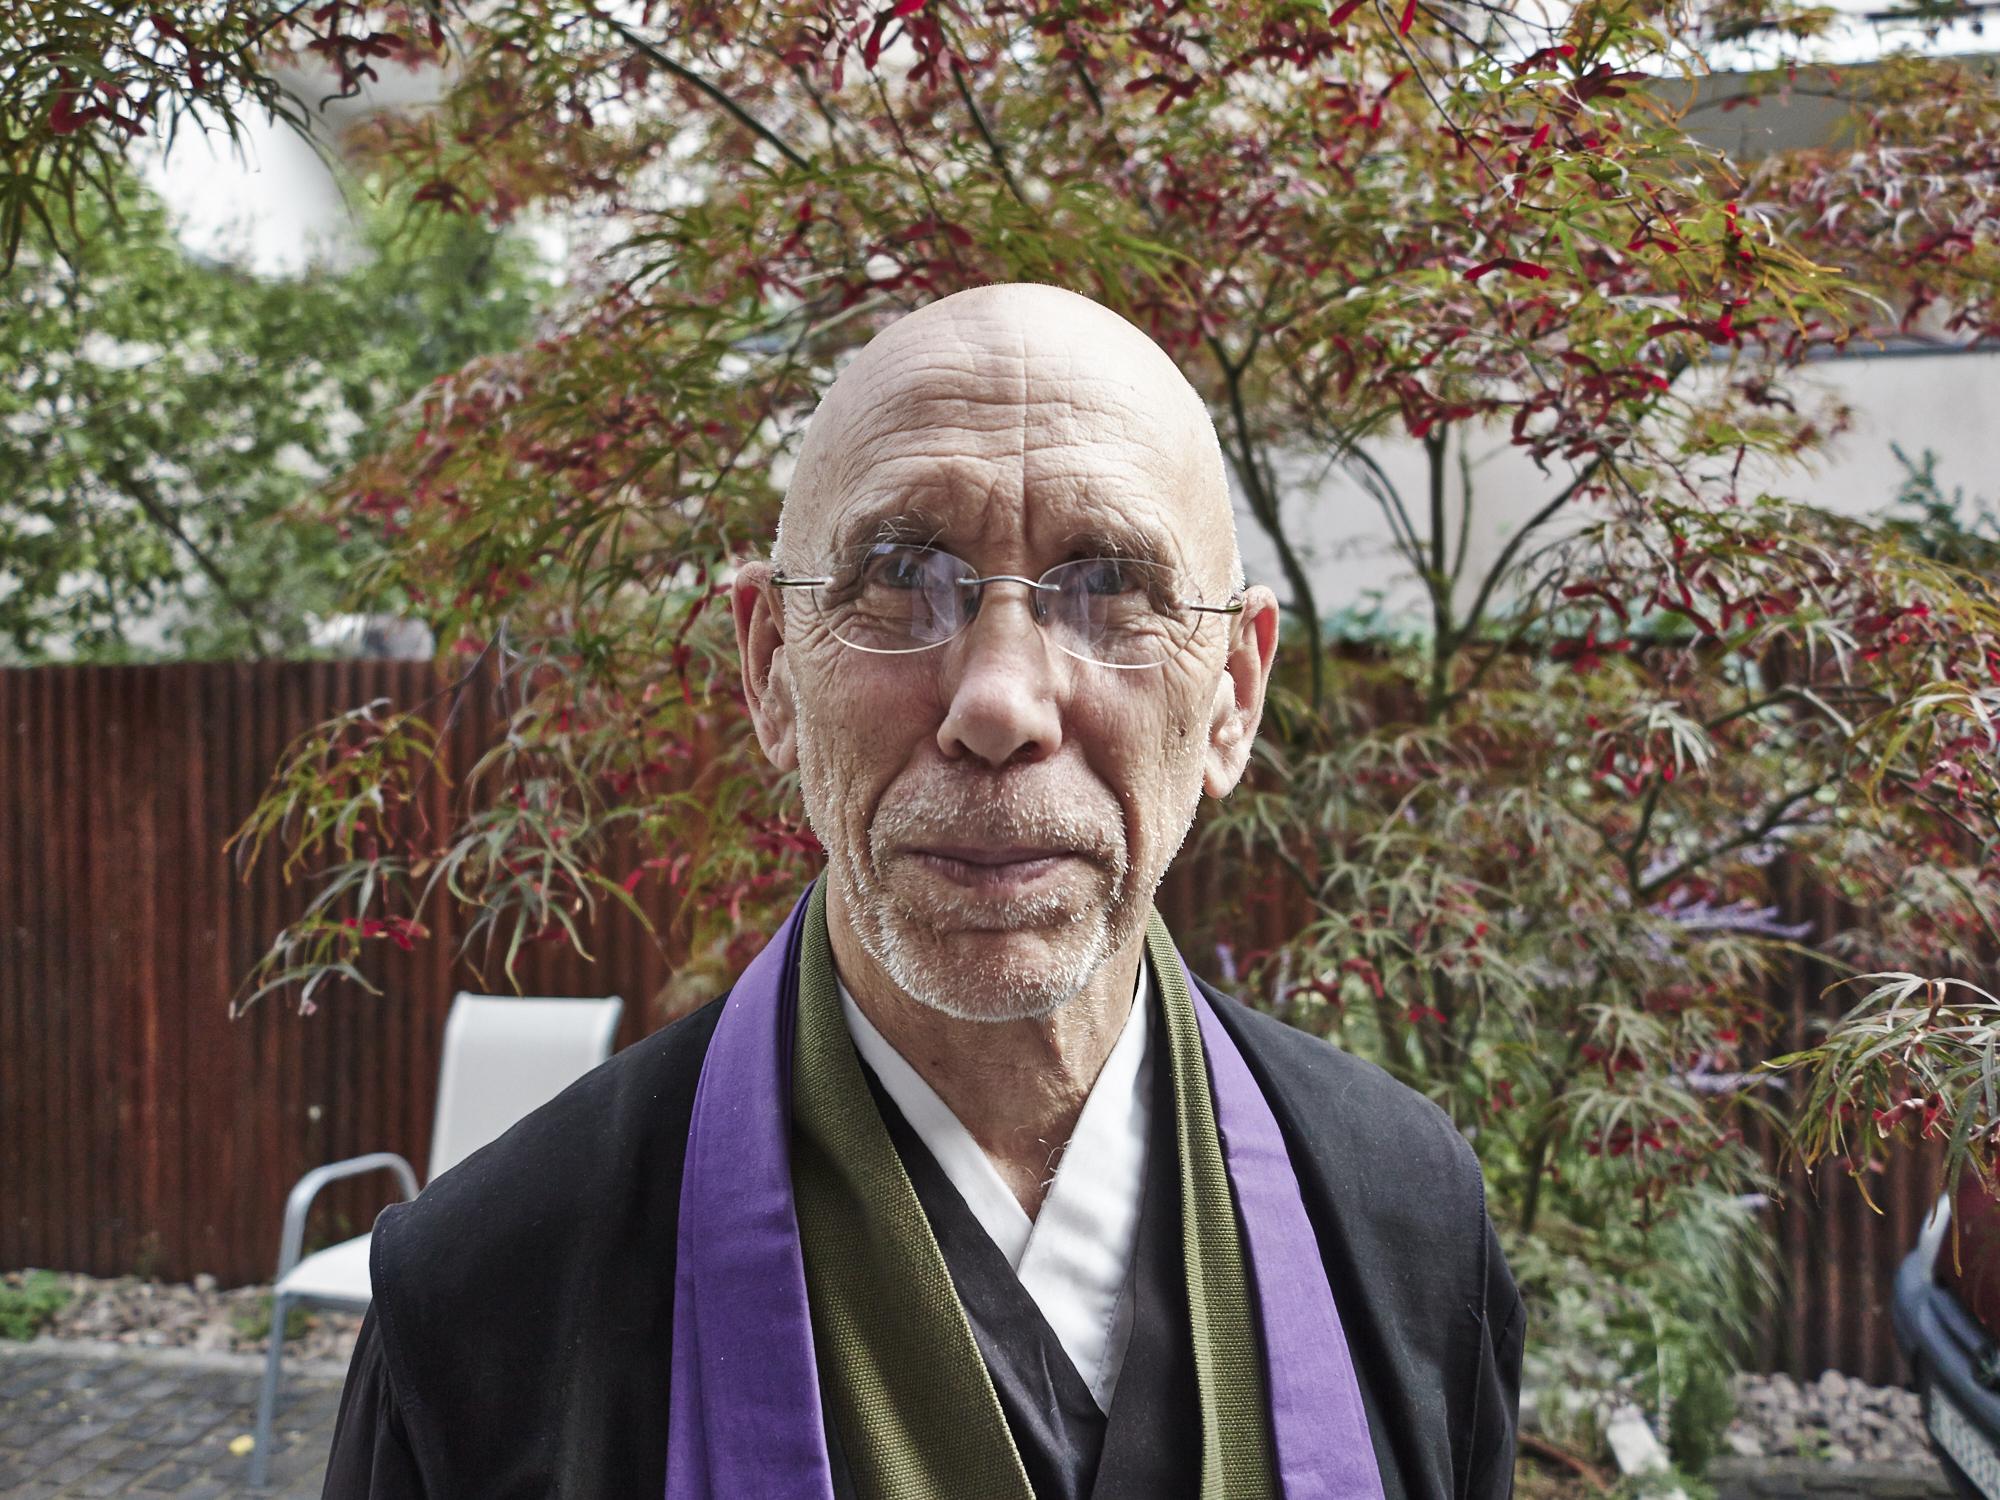 Der buddhistische Priester Claude AnShin Thomas noch im Priestergewand.